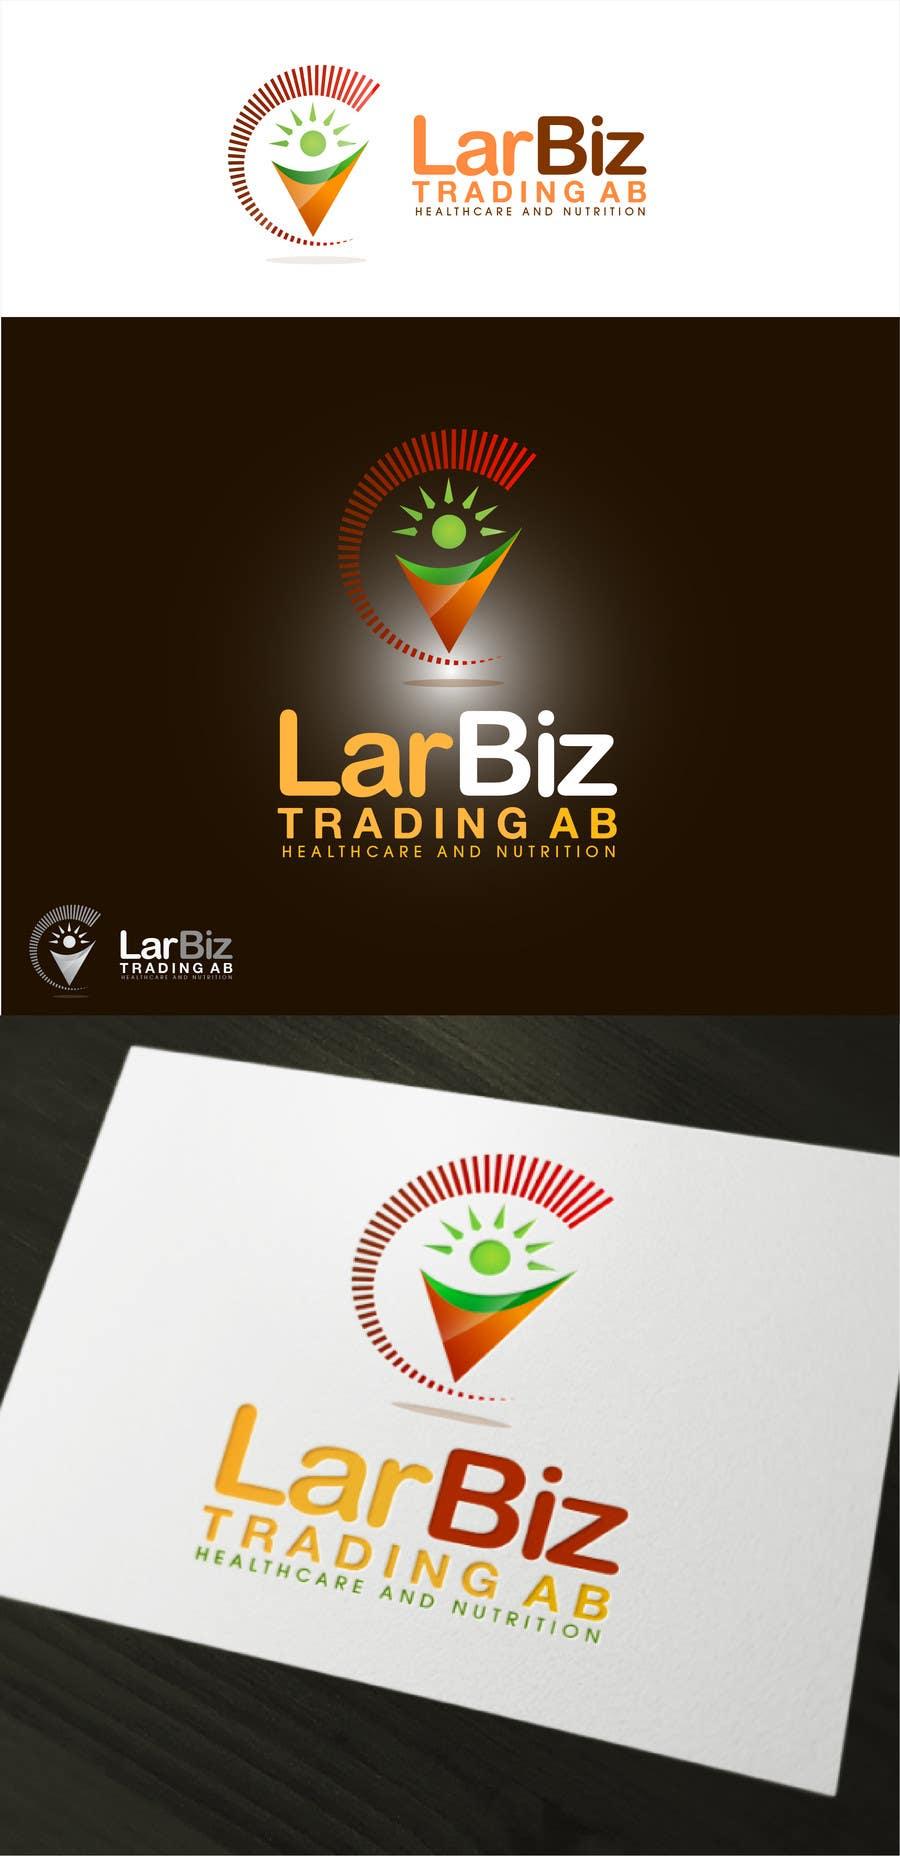 #14 for Designa en logo for LarBiz Trading AB by sbelogd